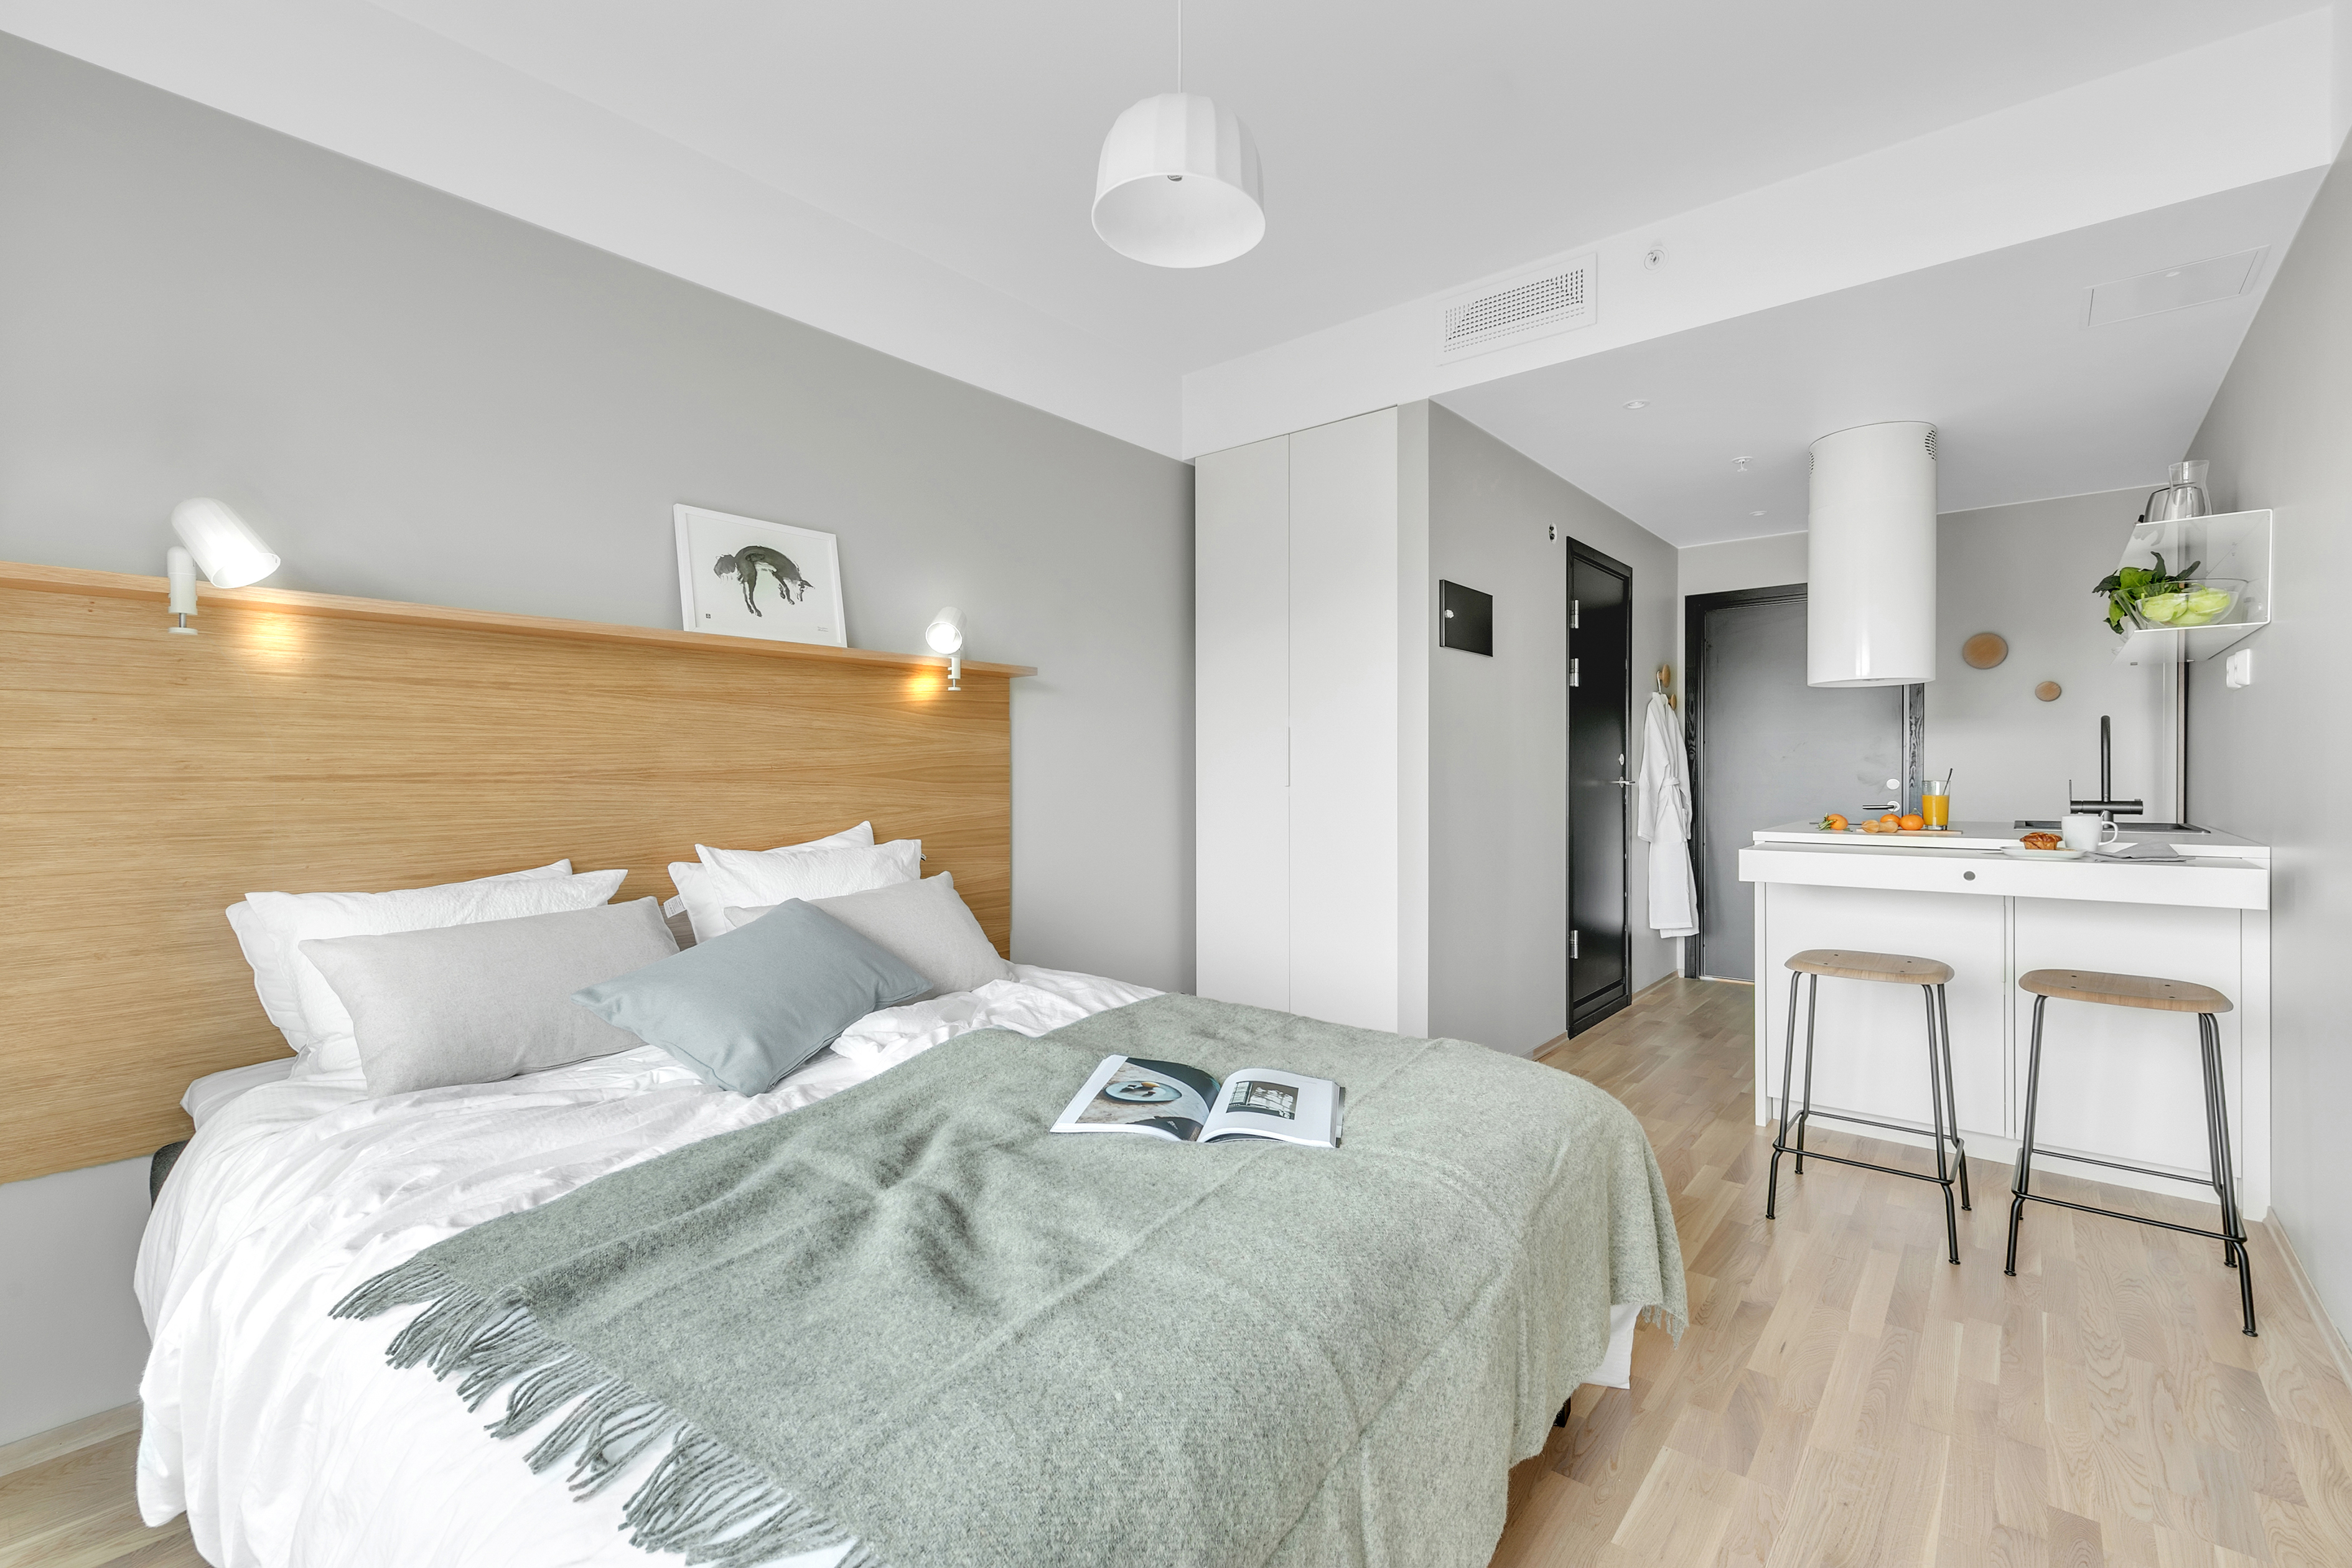 En lejlighed i finske Forenoms nye lejlighedshotel i Oslo. PR-foto.